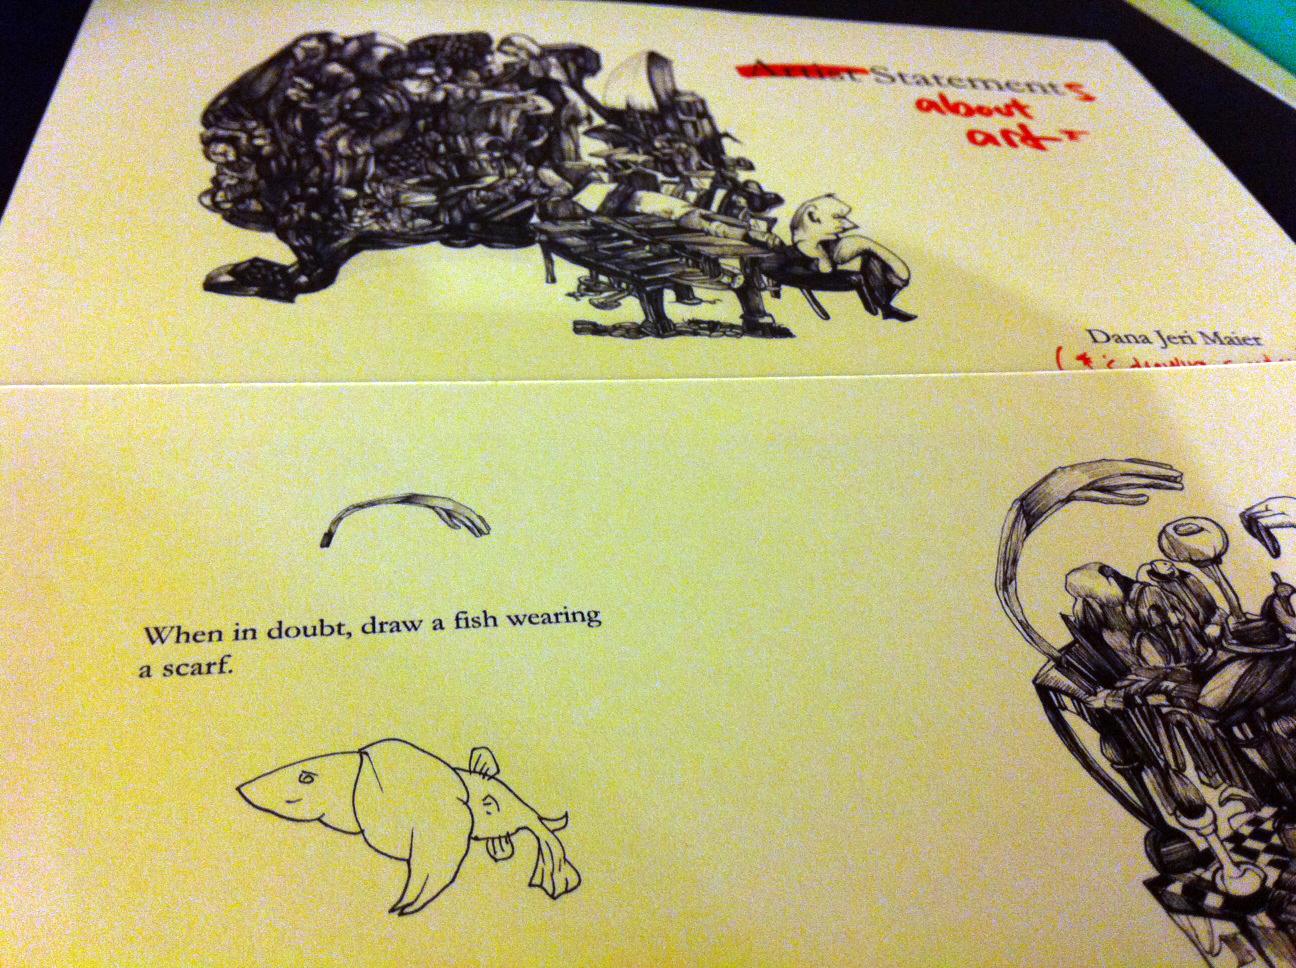 Fish Wearing Scarf - Dana Jeri Maier